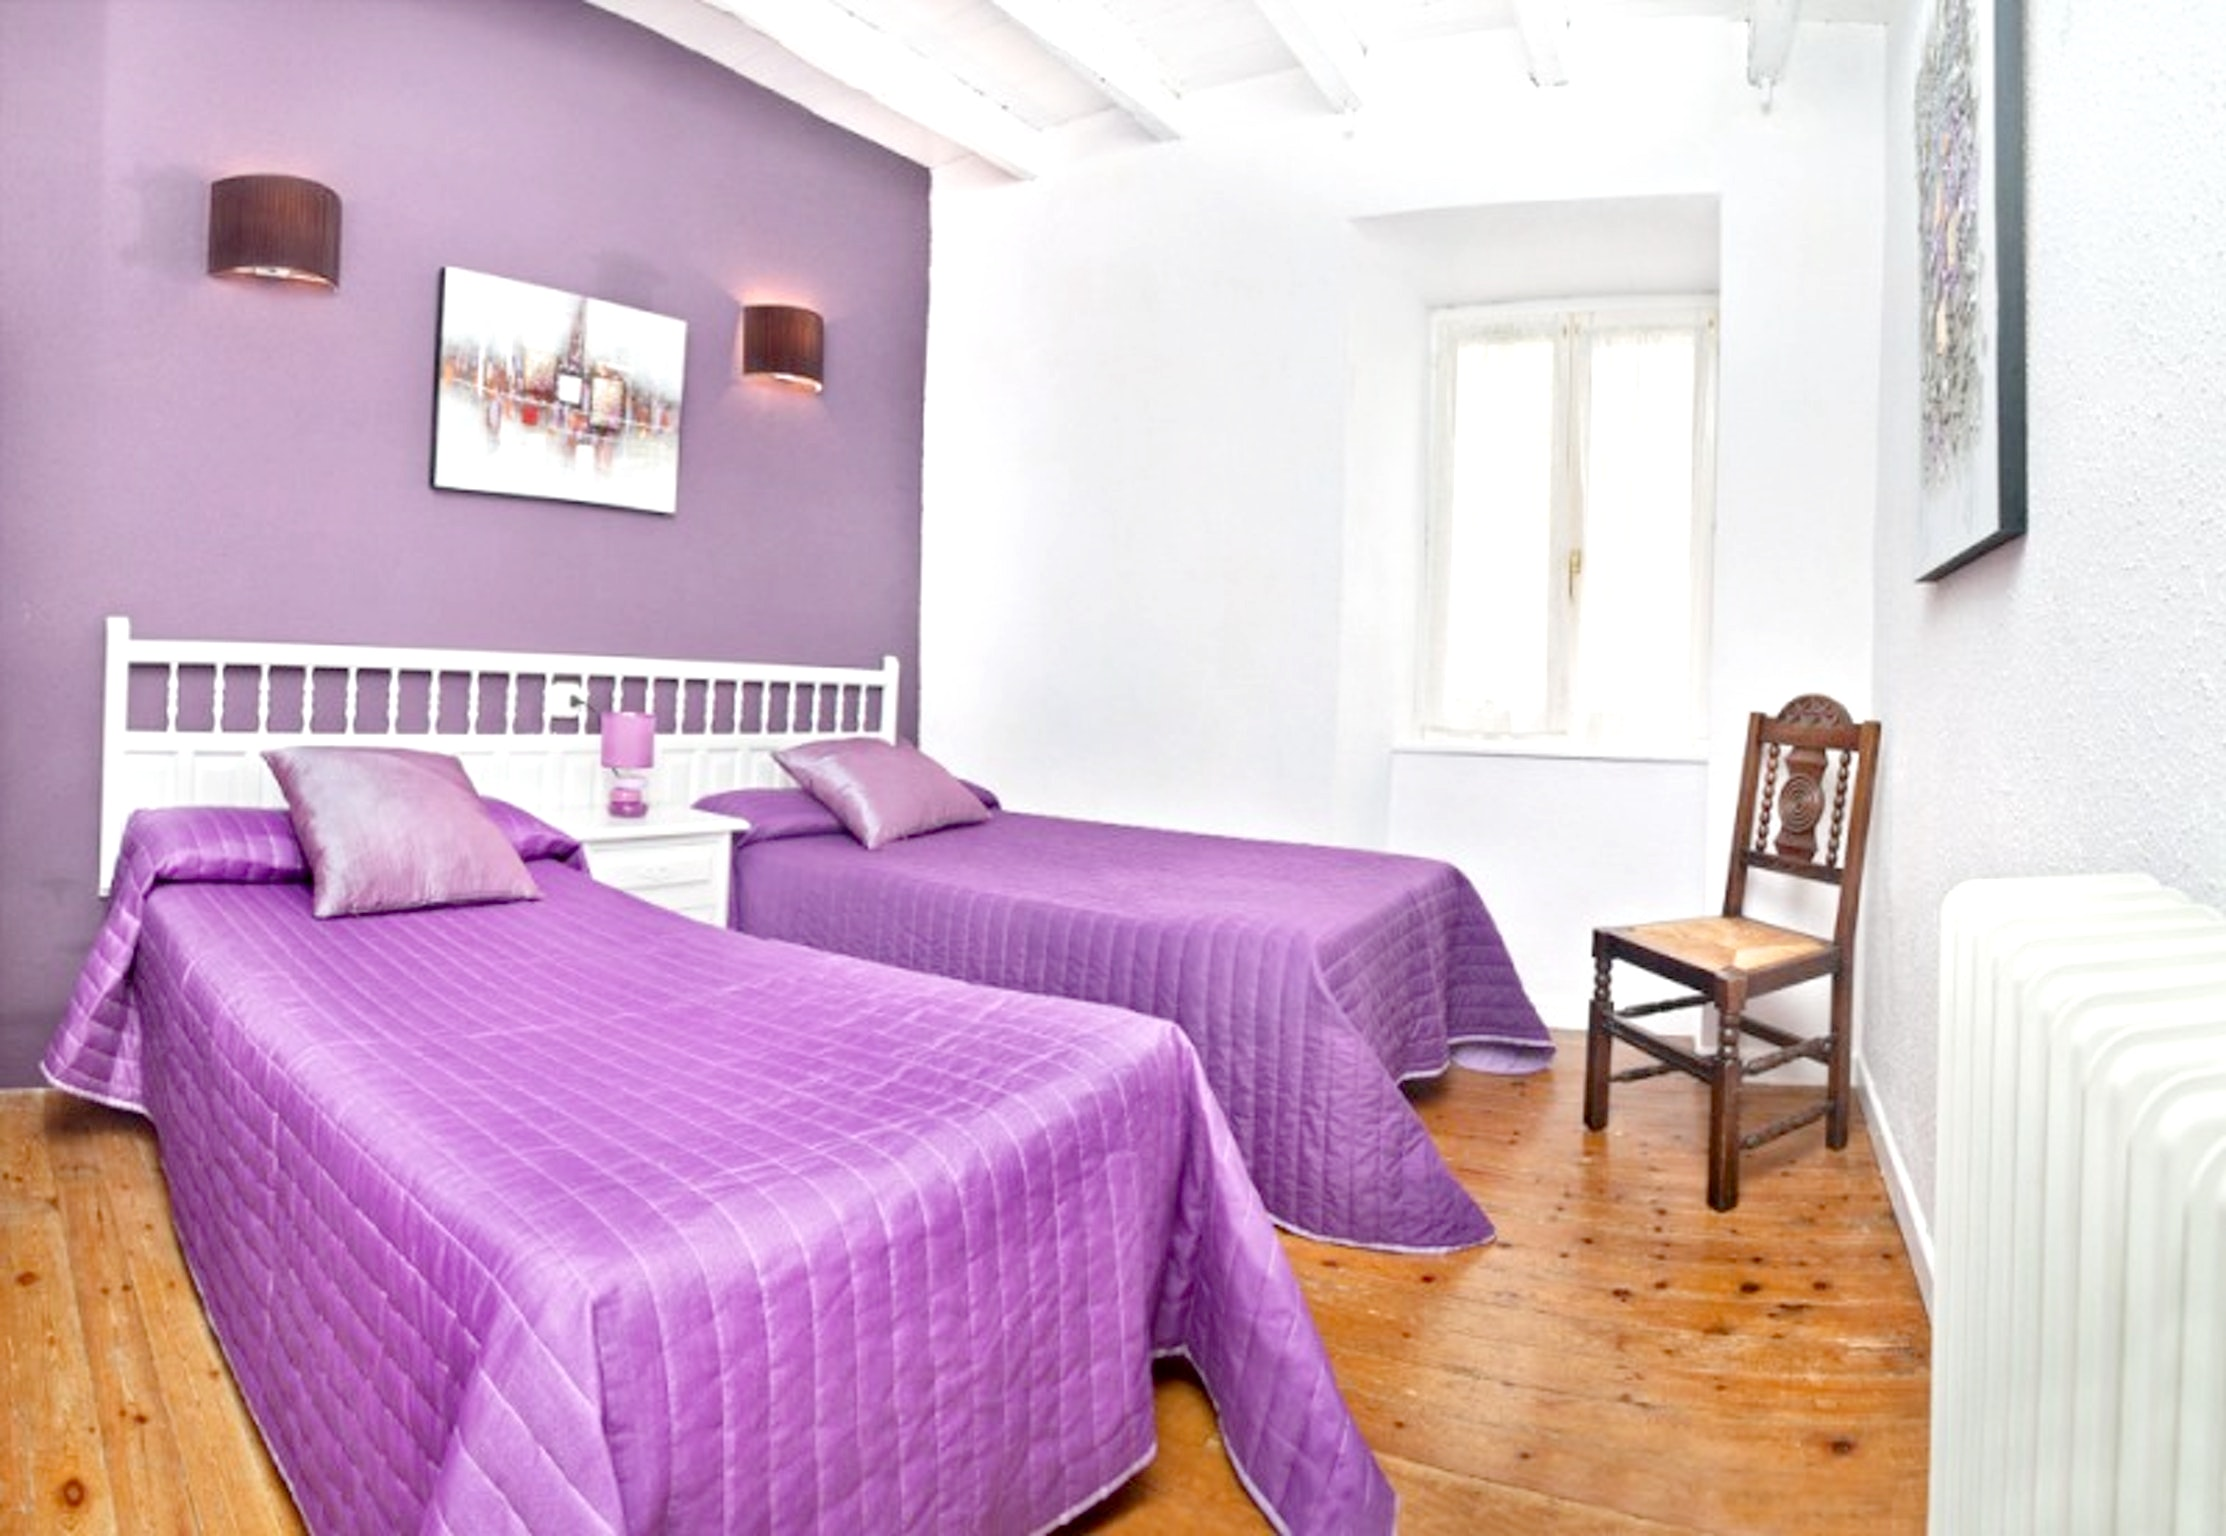 Ferienhaus Haus mit 4 Schlafzimmern in Valcarlos mit toller Aussicht auf die Berge, eingezäuntem Gart (2519329), Gañecoleta, , Navarra, Spanien, Bild 7